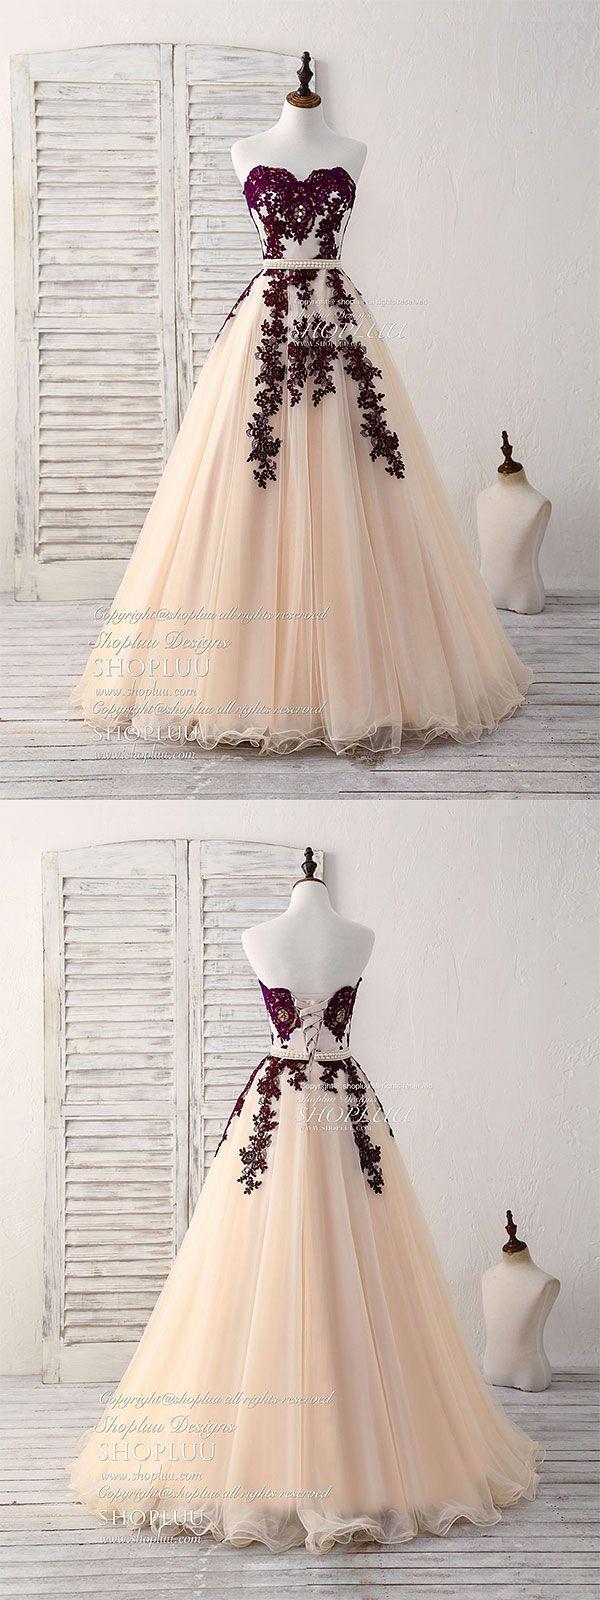 Langes Burgunder Tüll Abendkleid, Burgunder Abendkleid - Die